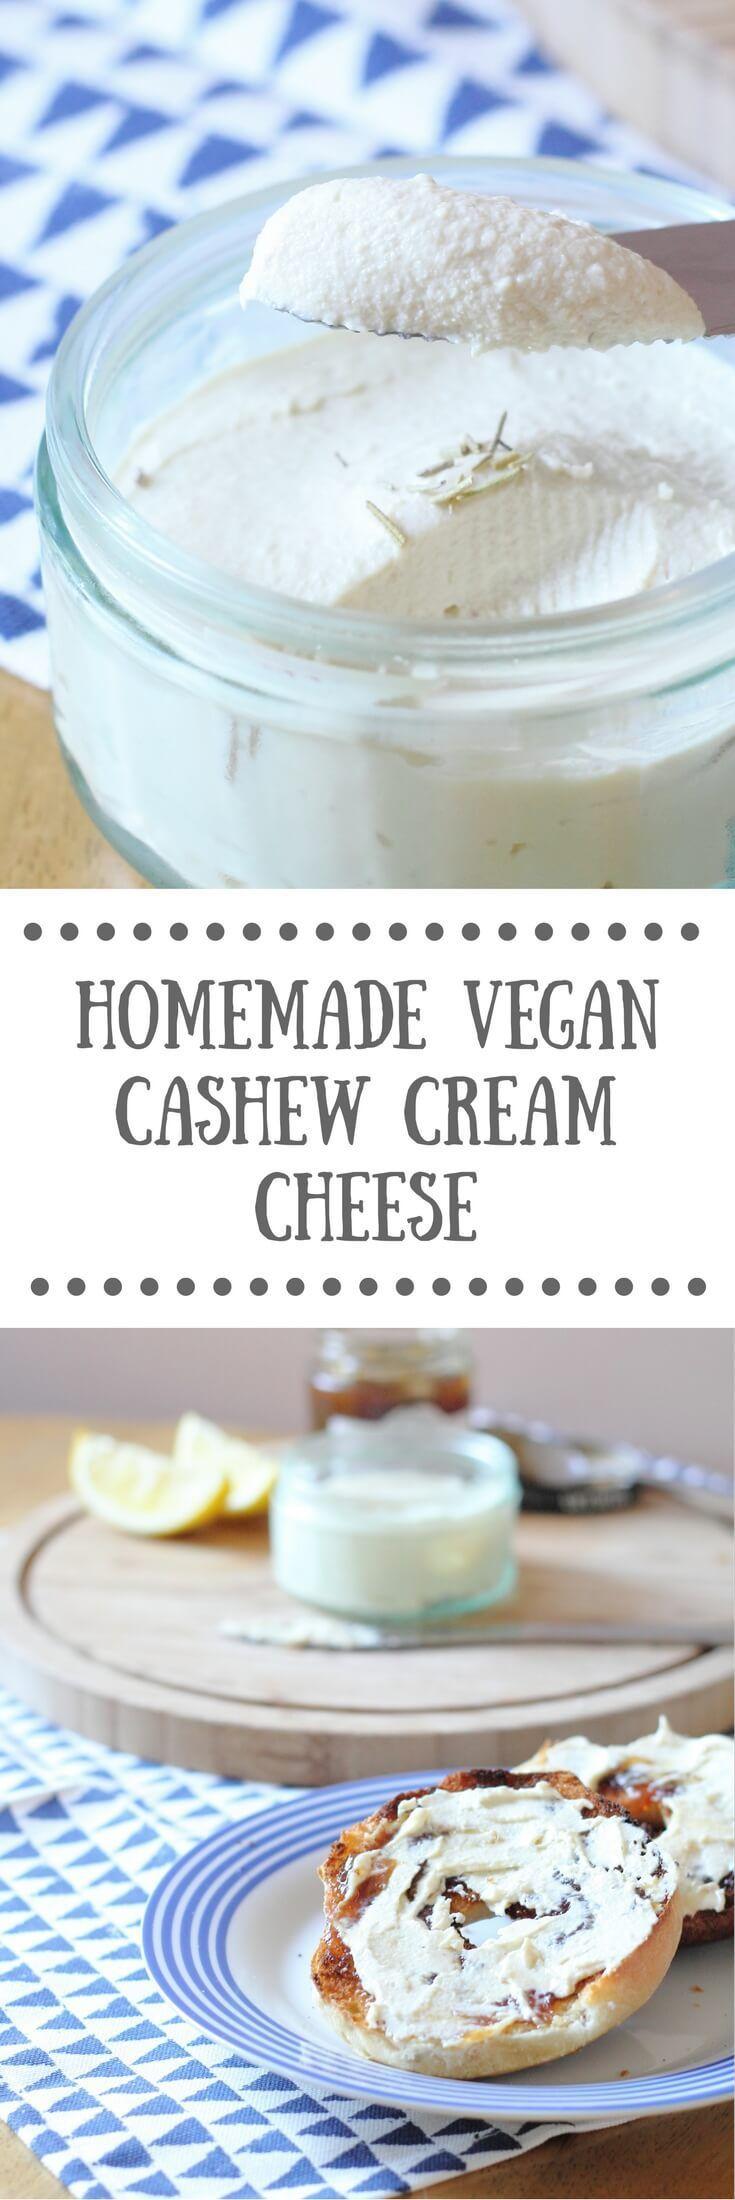 Homemade Vegan Cashew Cream Cheese - Vegan Recipe                                                                                                                                                                                 More